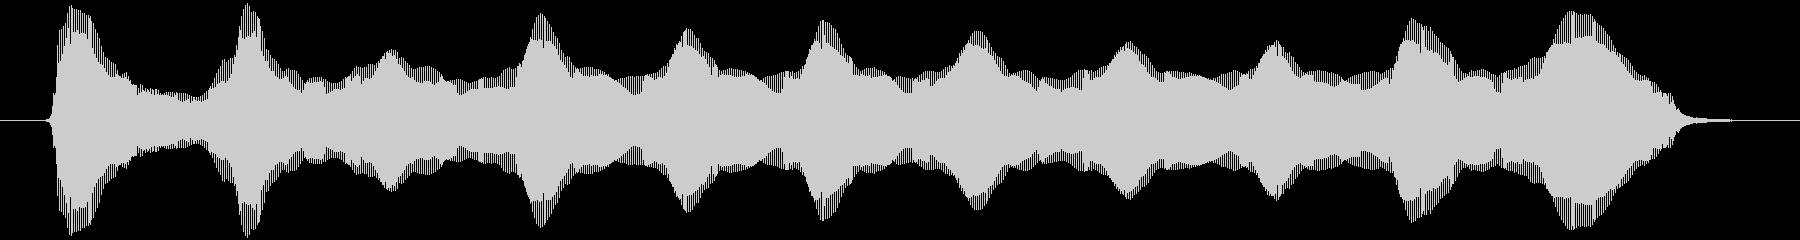 ロングプラスチックブローホーン:ス...の未再生の波形